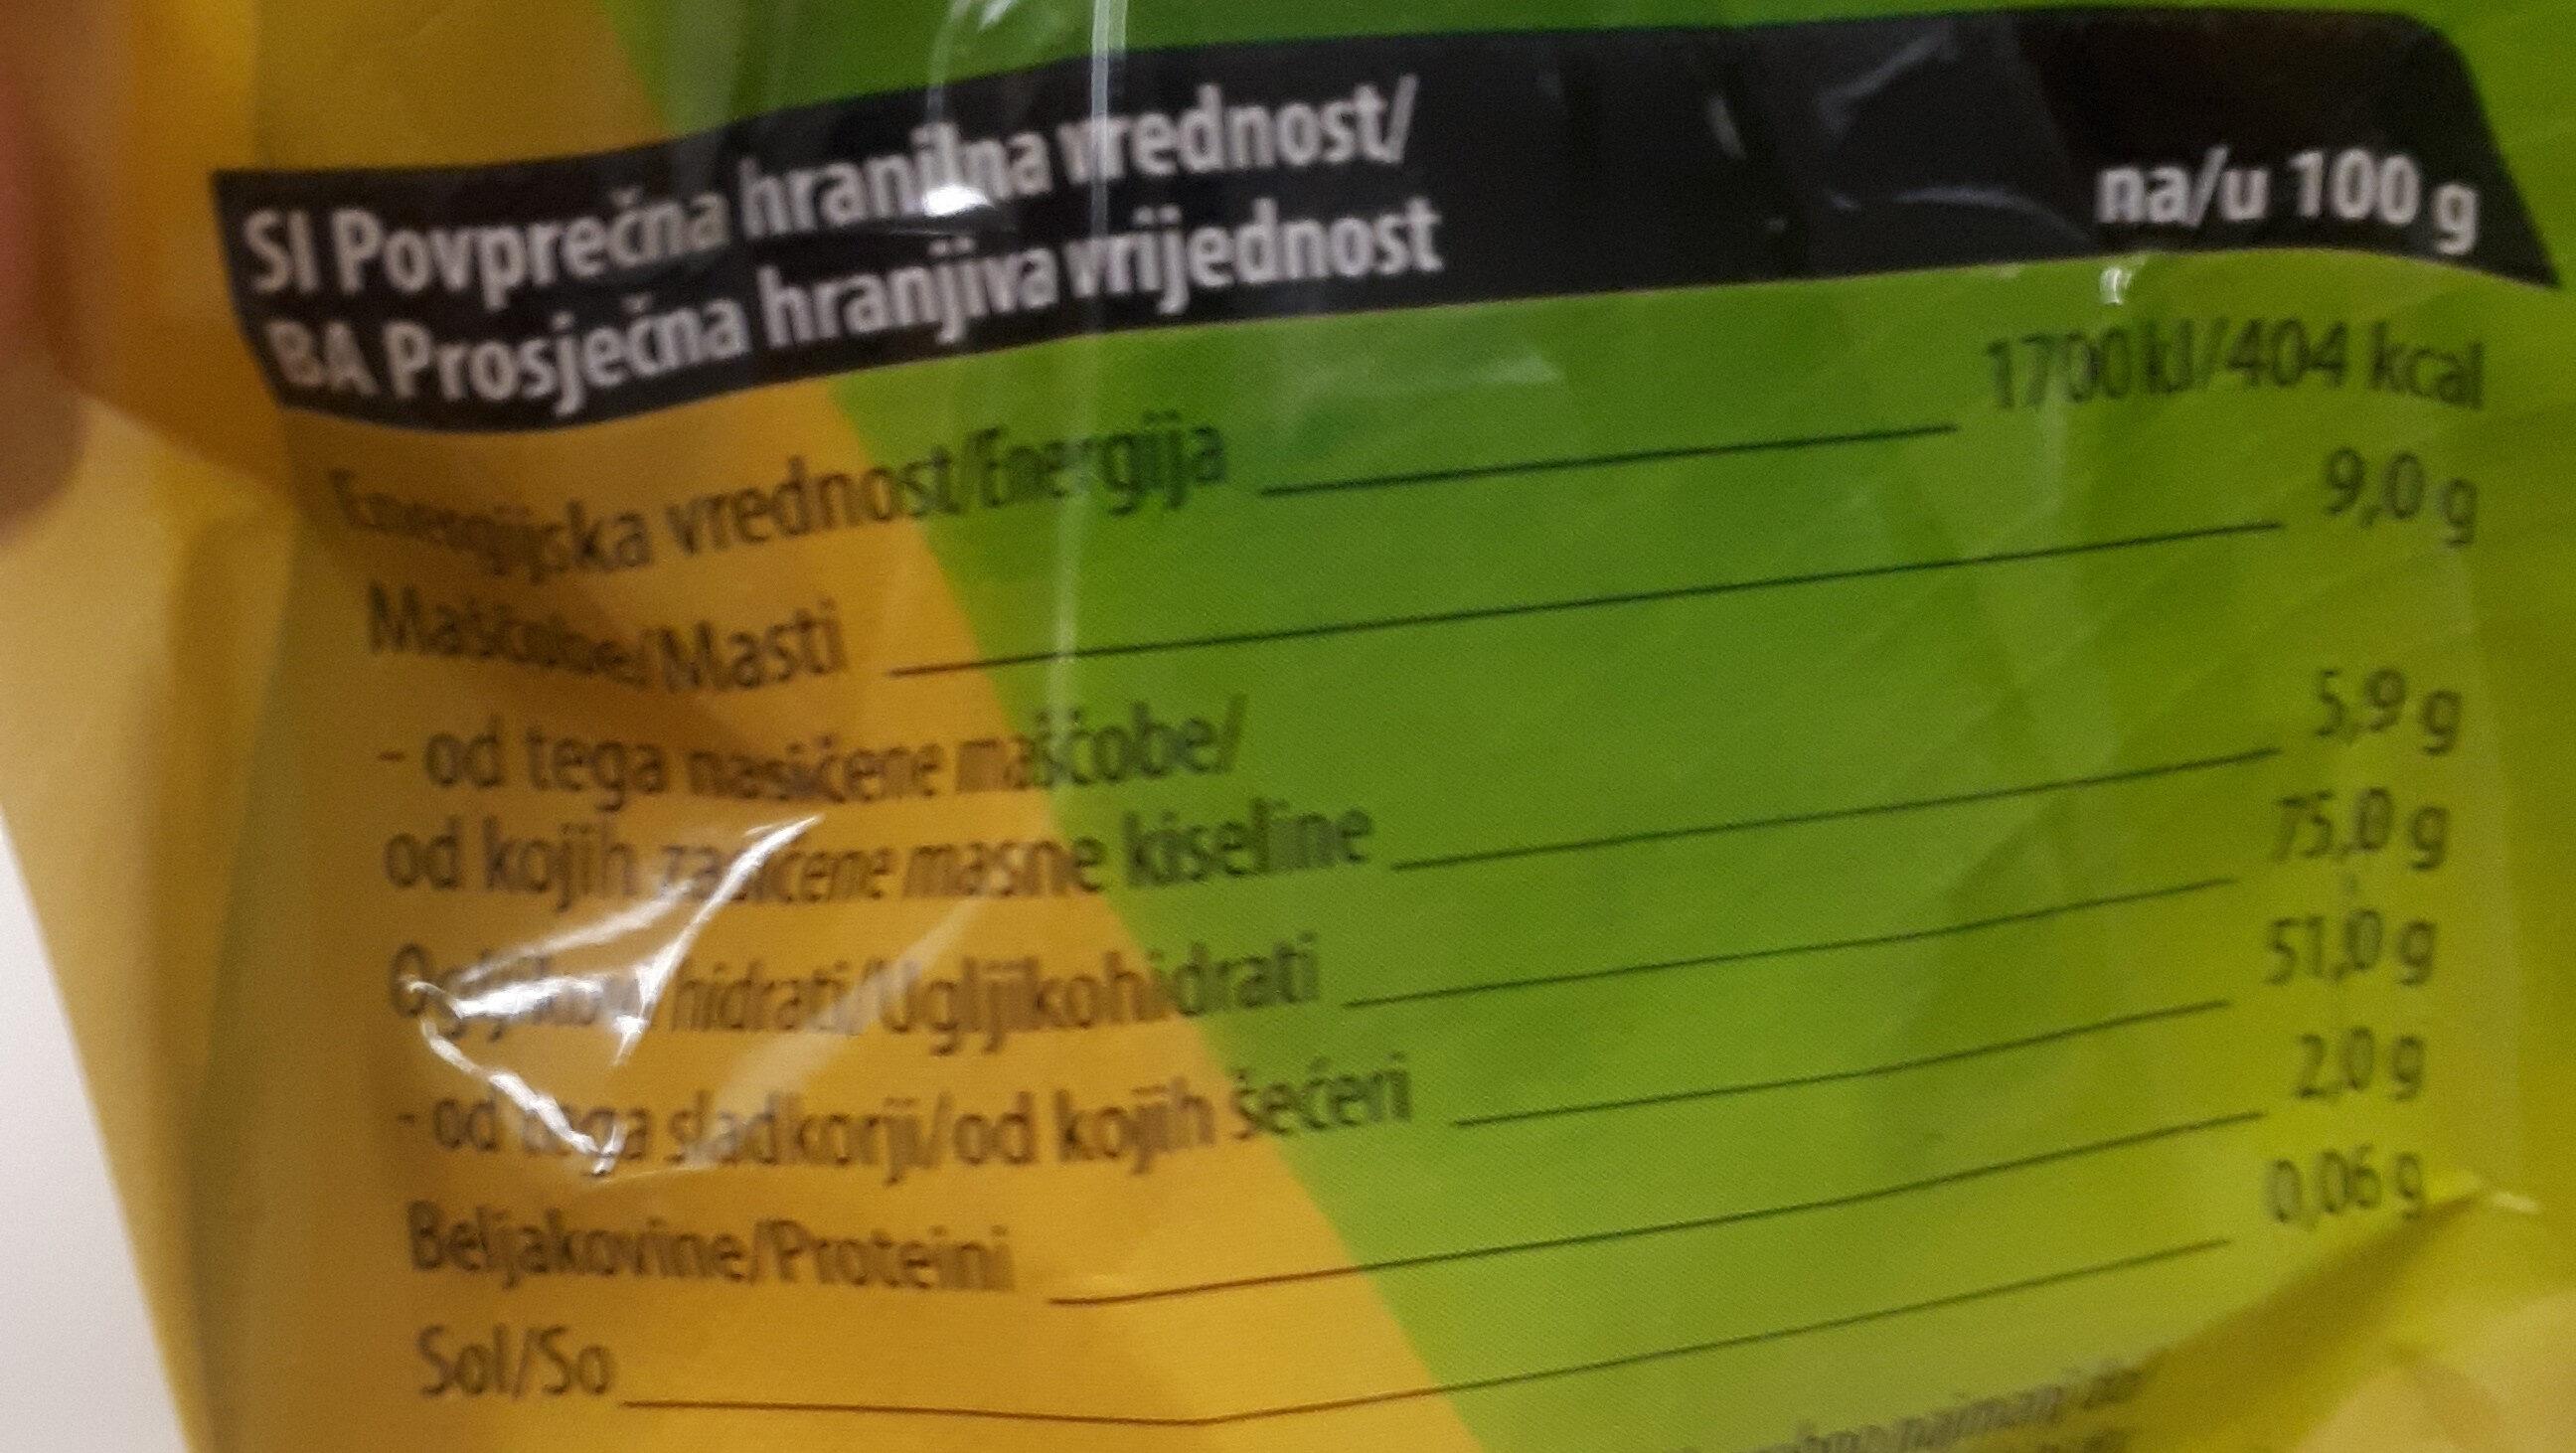 Čoko banana mini - Nutrition facts